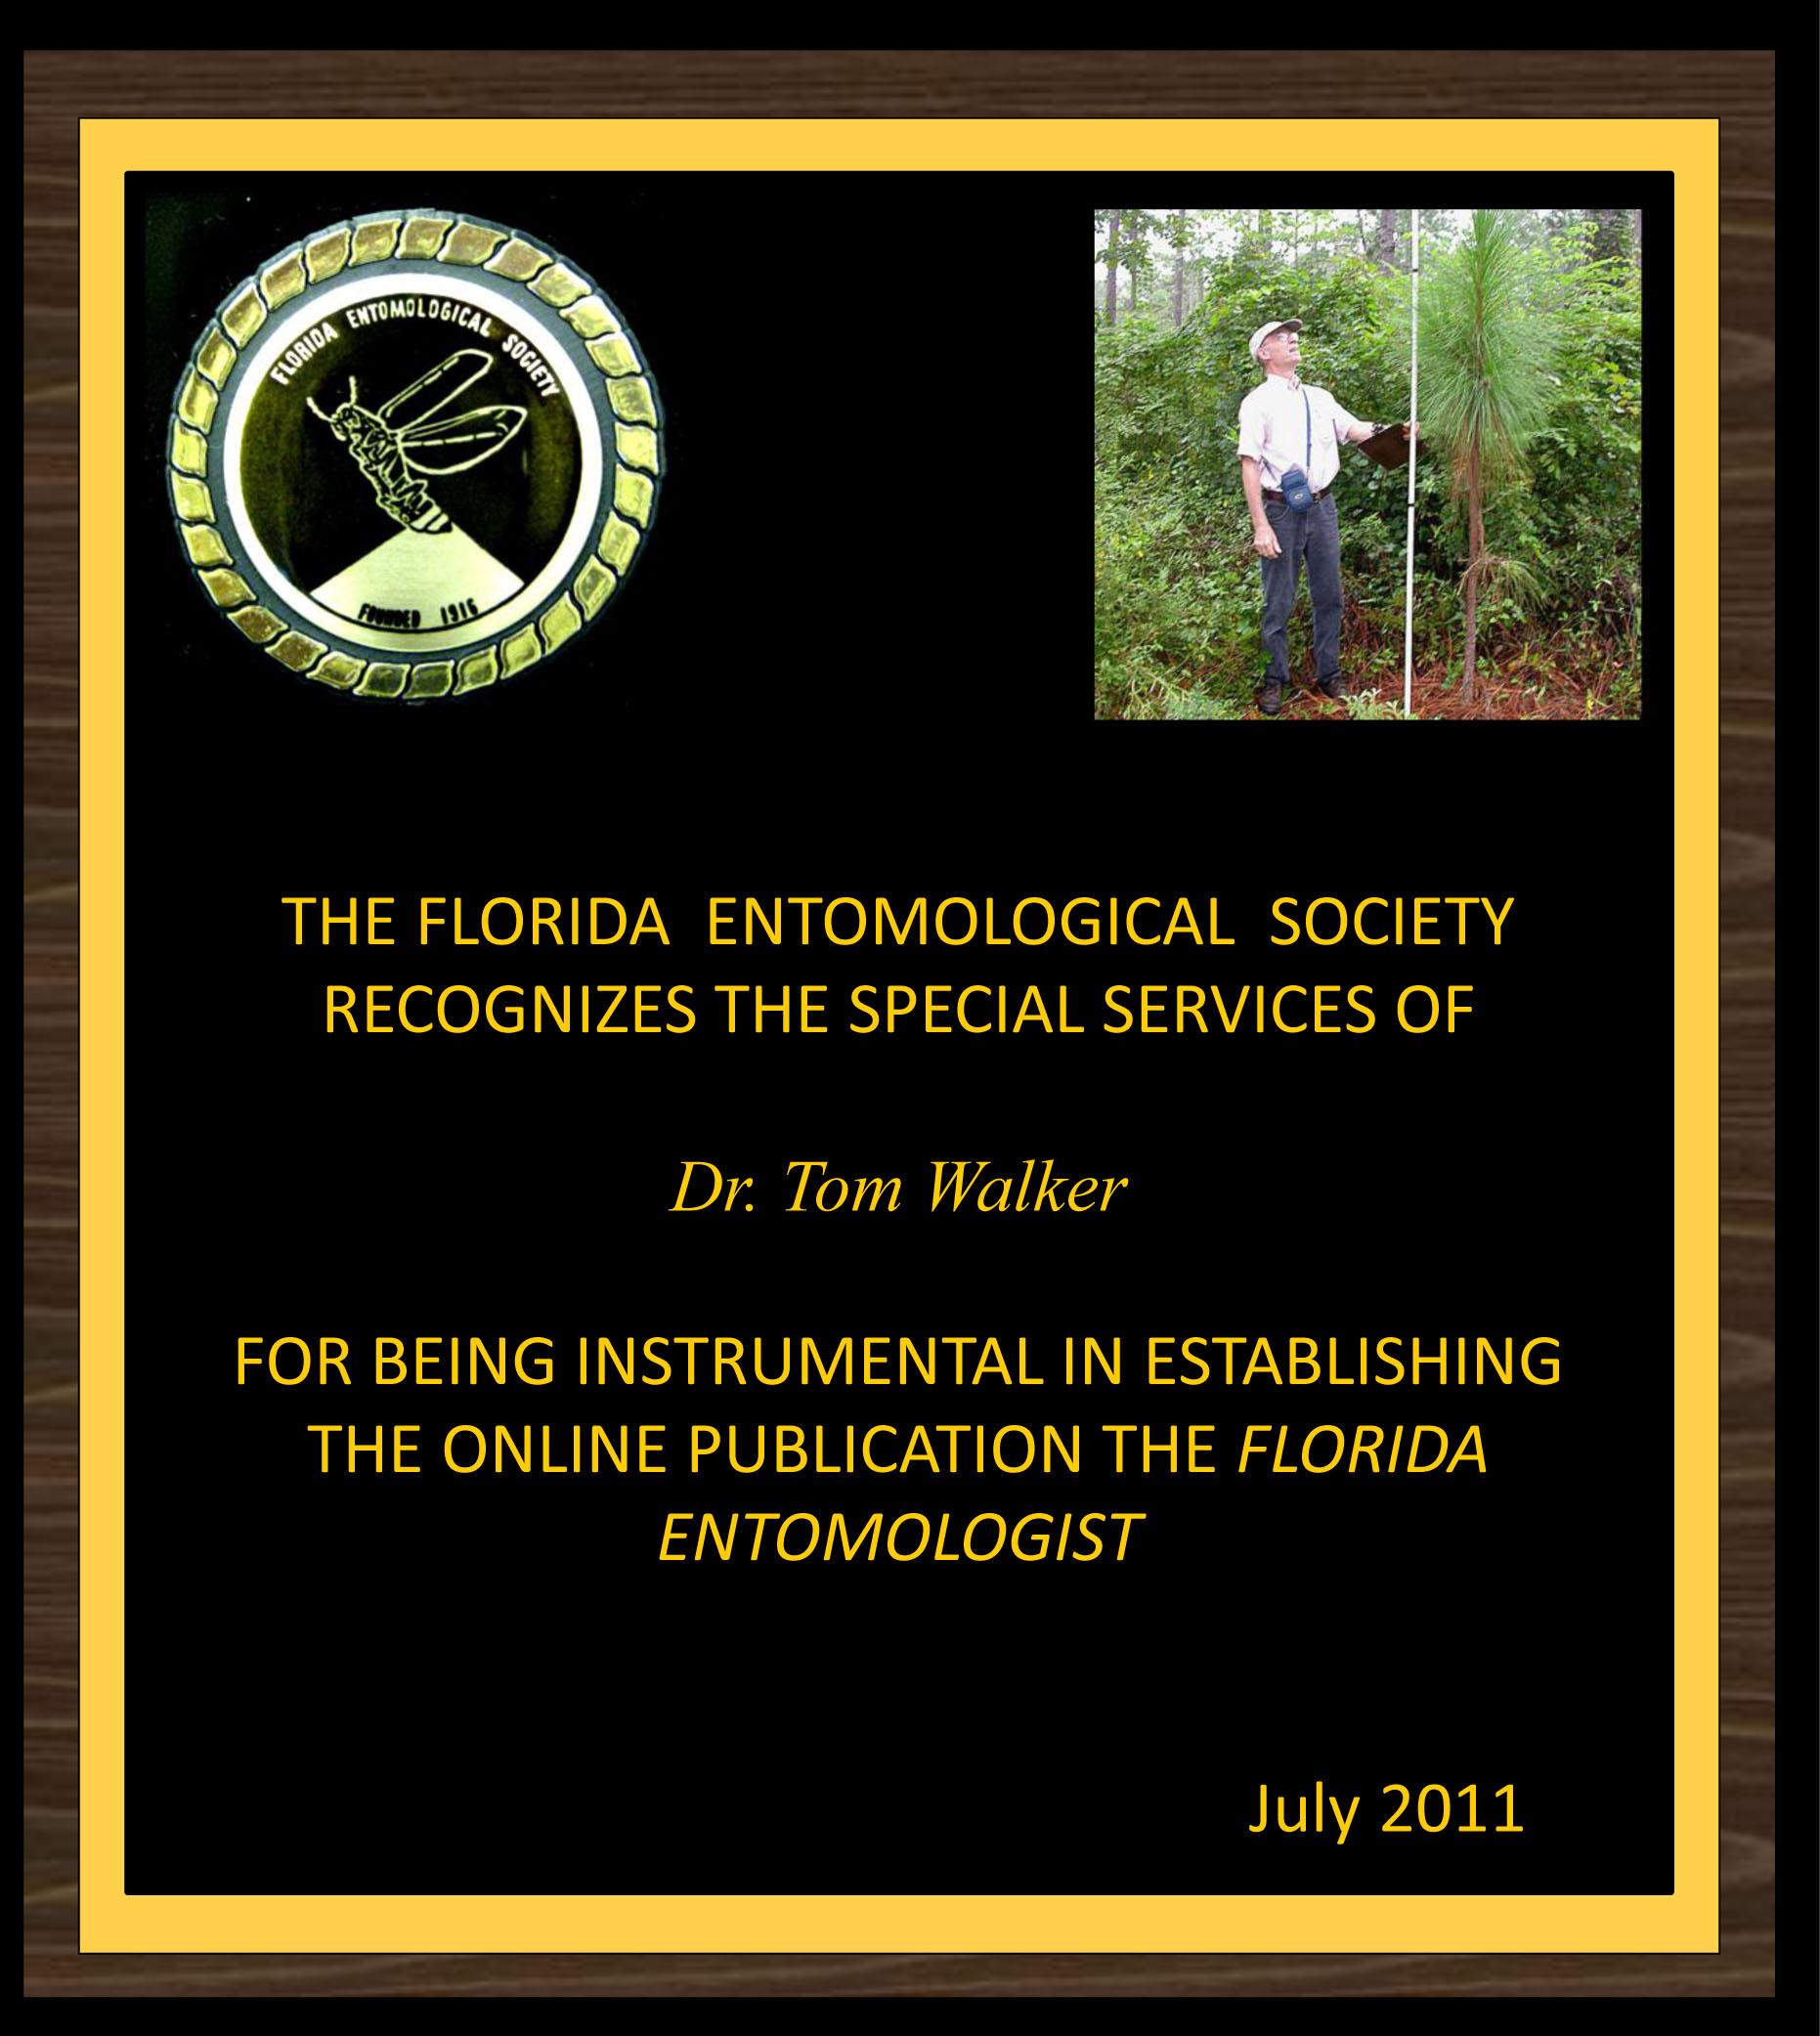 Tom Walker receives award for longtime service as Florida Entomologist Webmaster